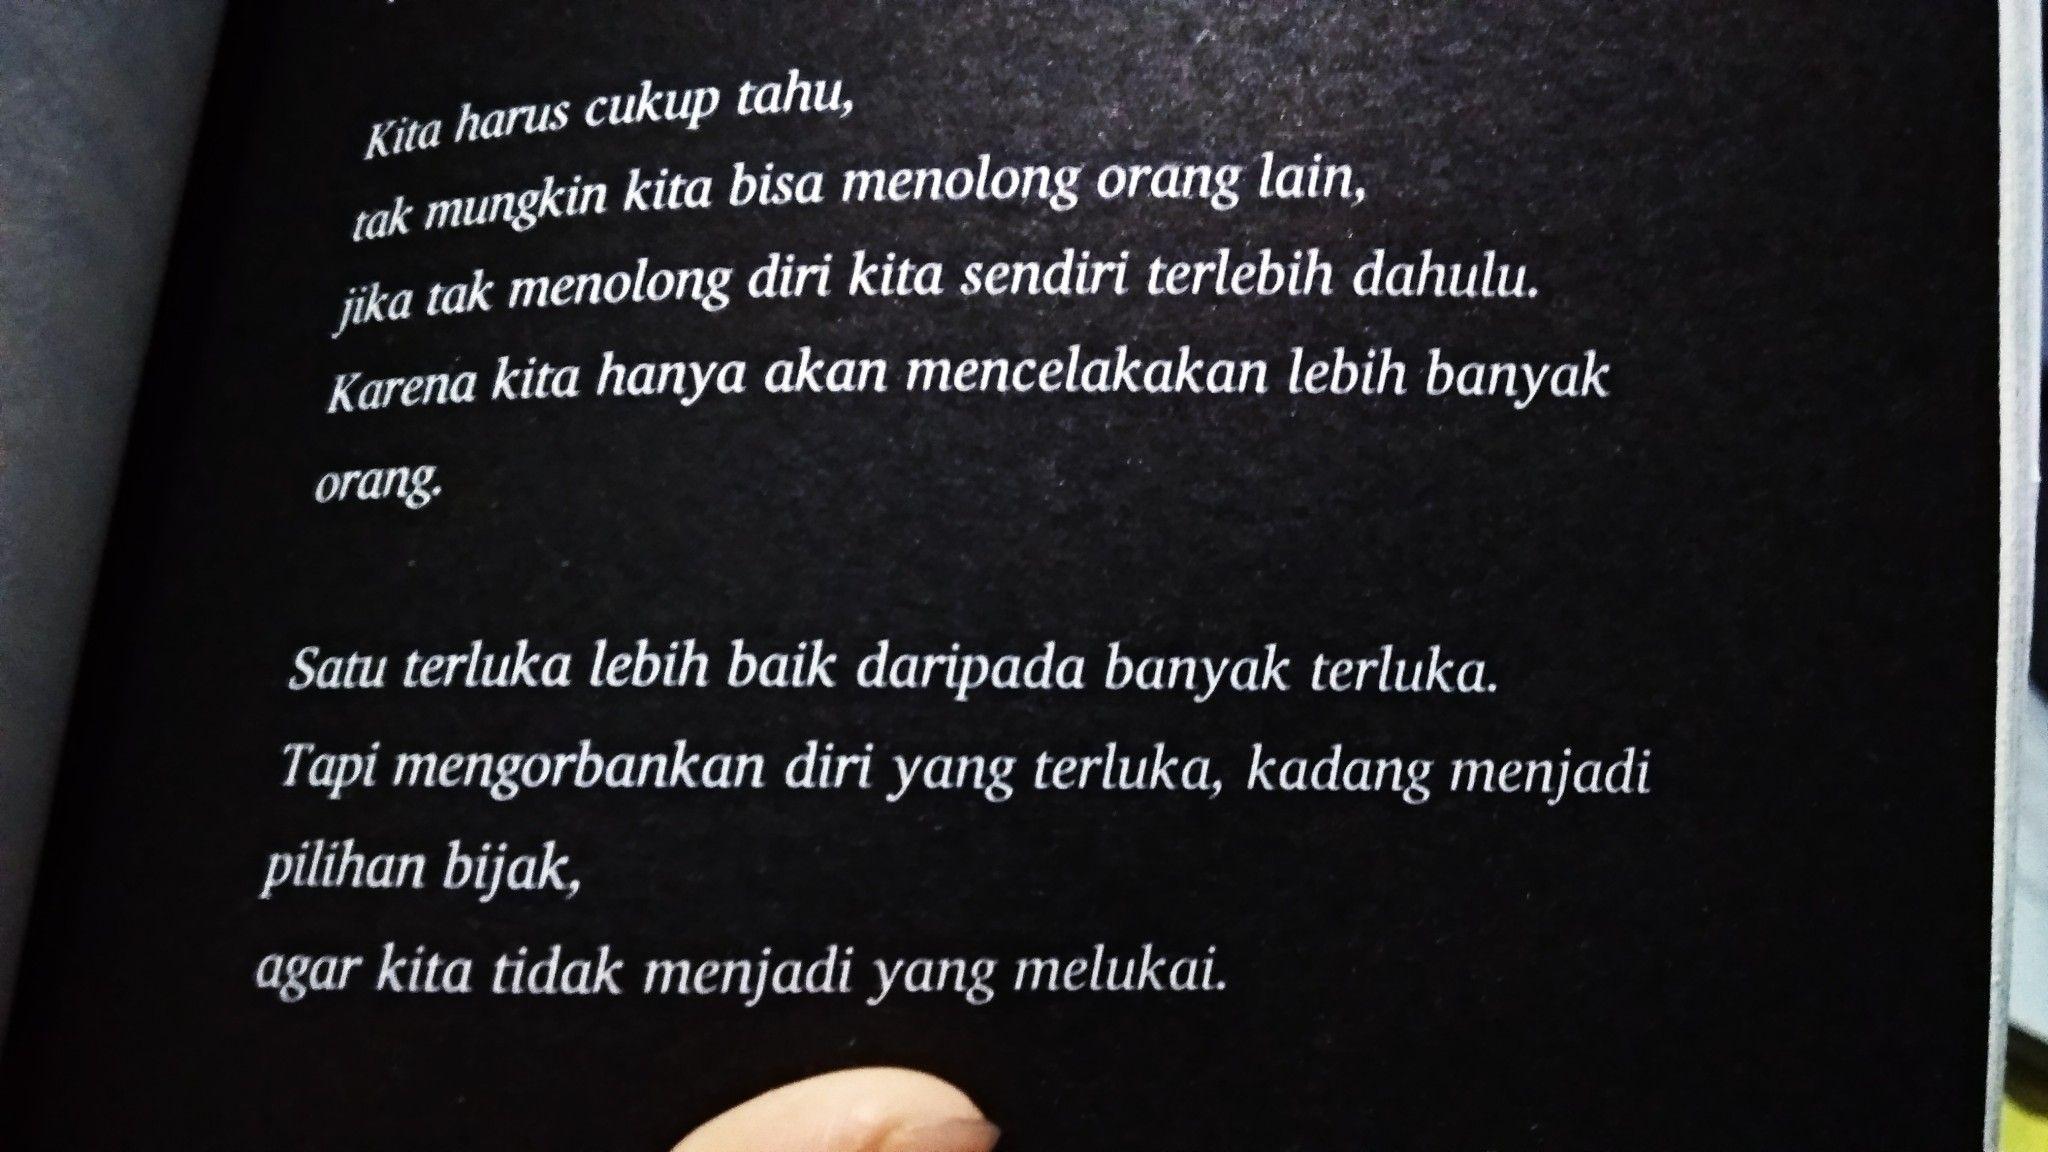 Egosentris Quotes